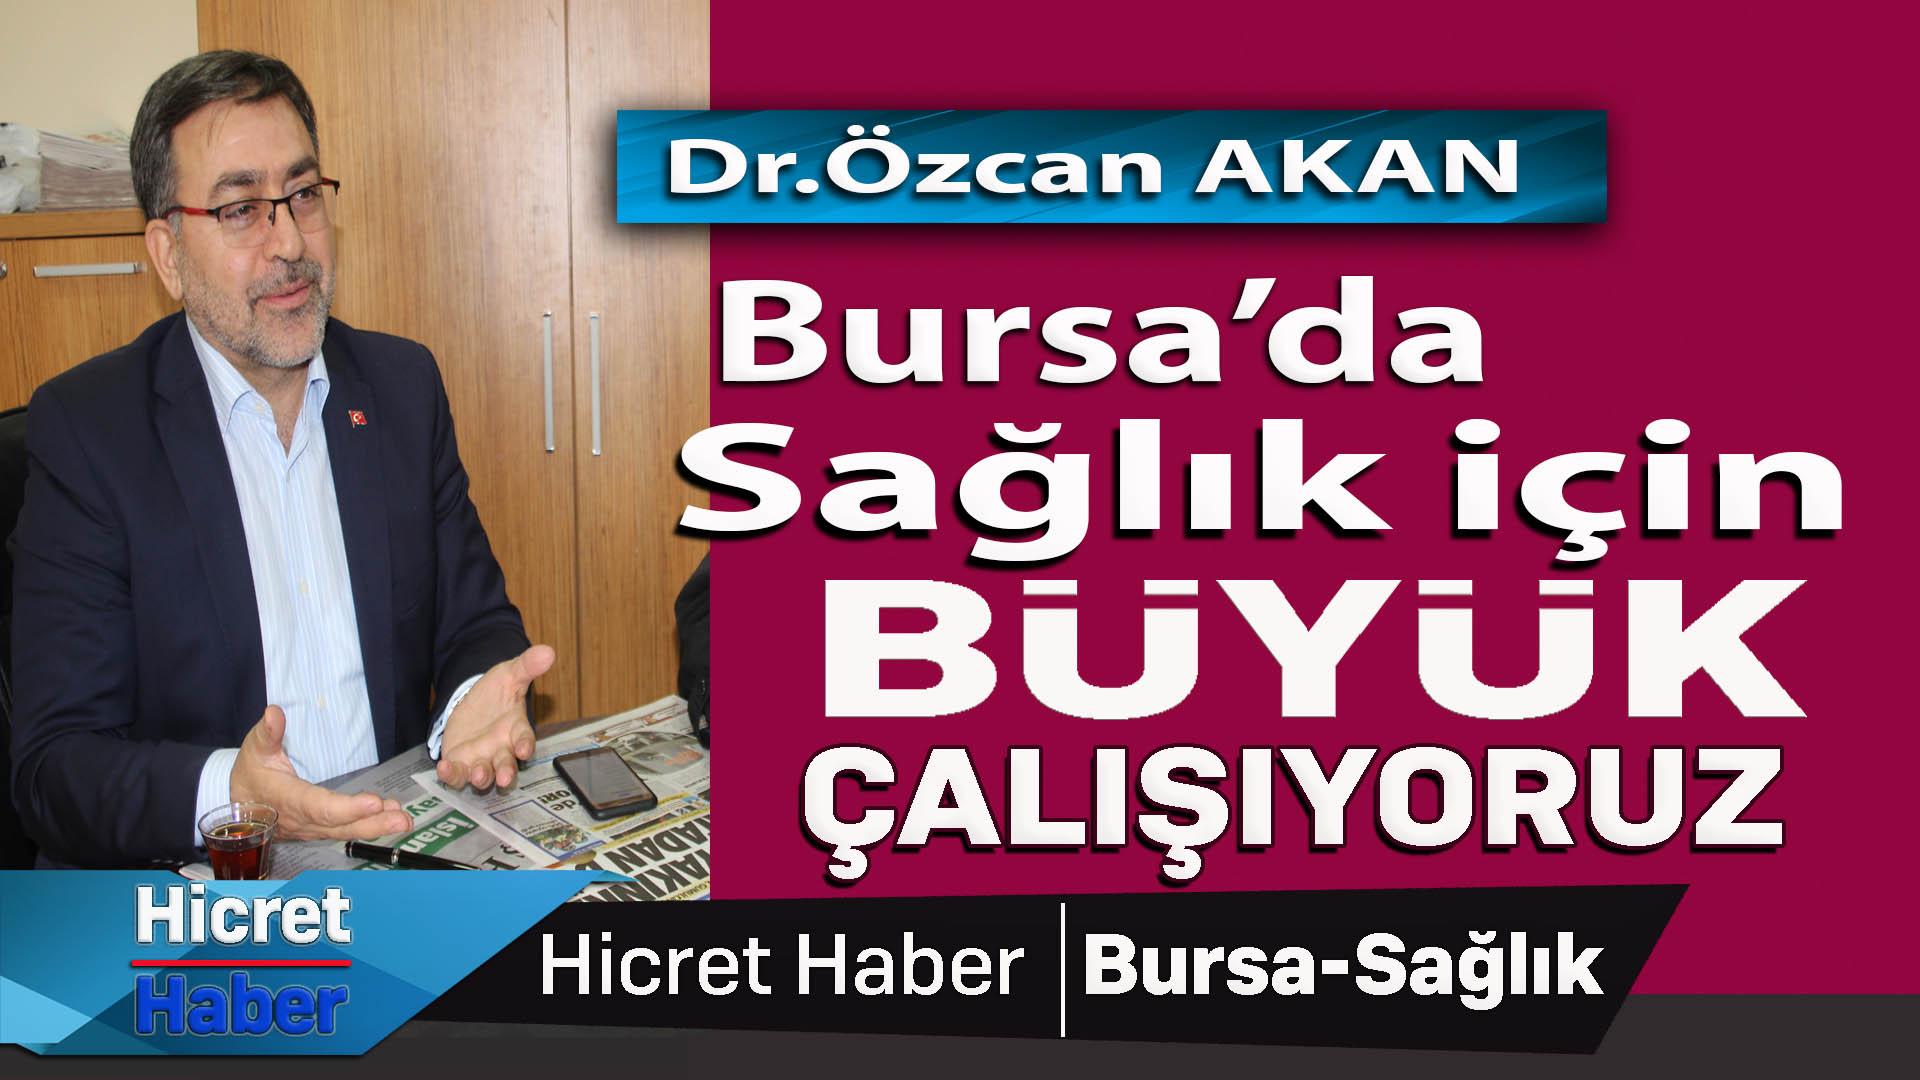 Dr.Akan Bursa'da Büyük Çalışıyoruz